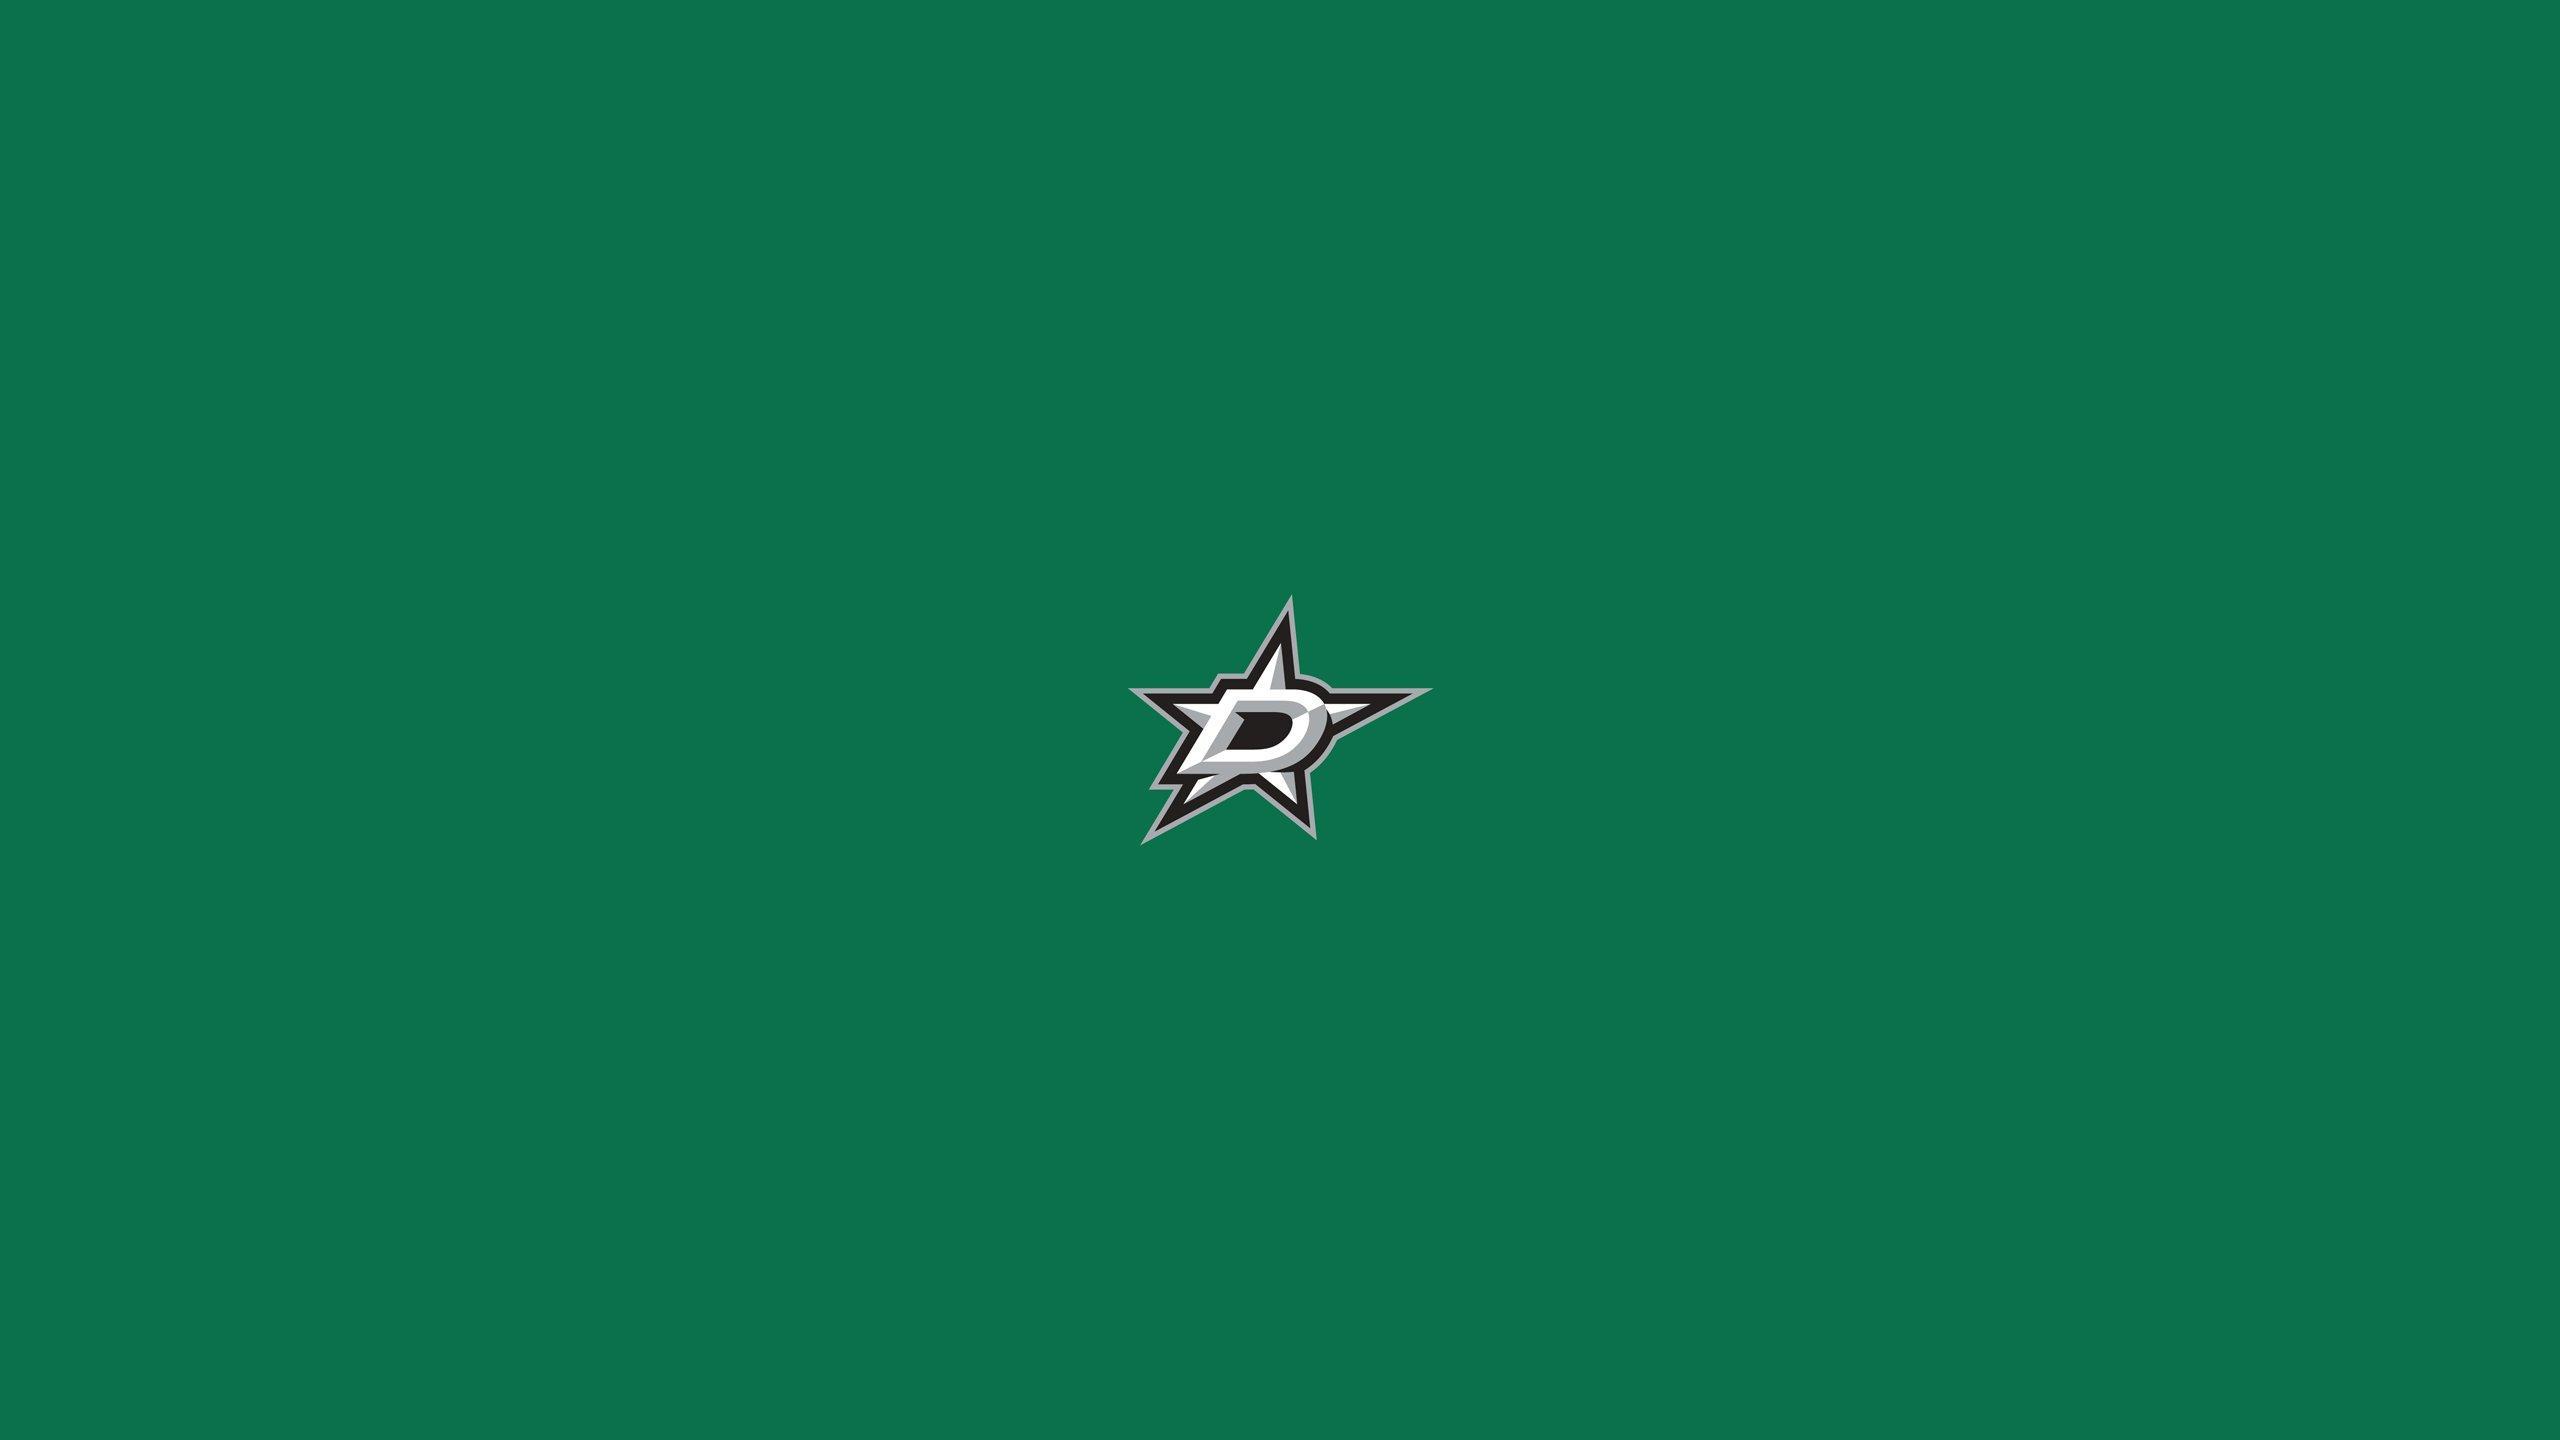 DALLAS STARS nhl hockey texas (1) wallpaper | 2560x1440 | 323192 ...